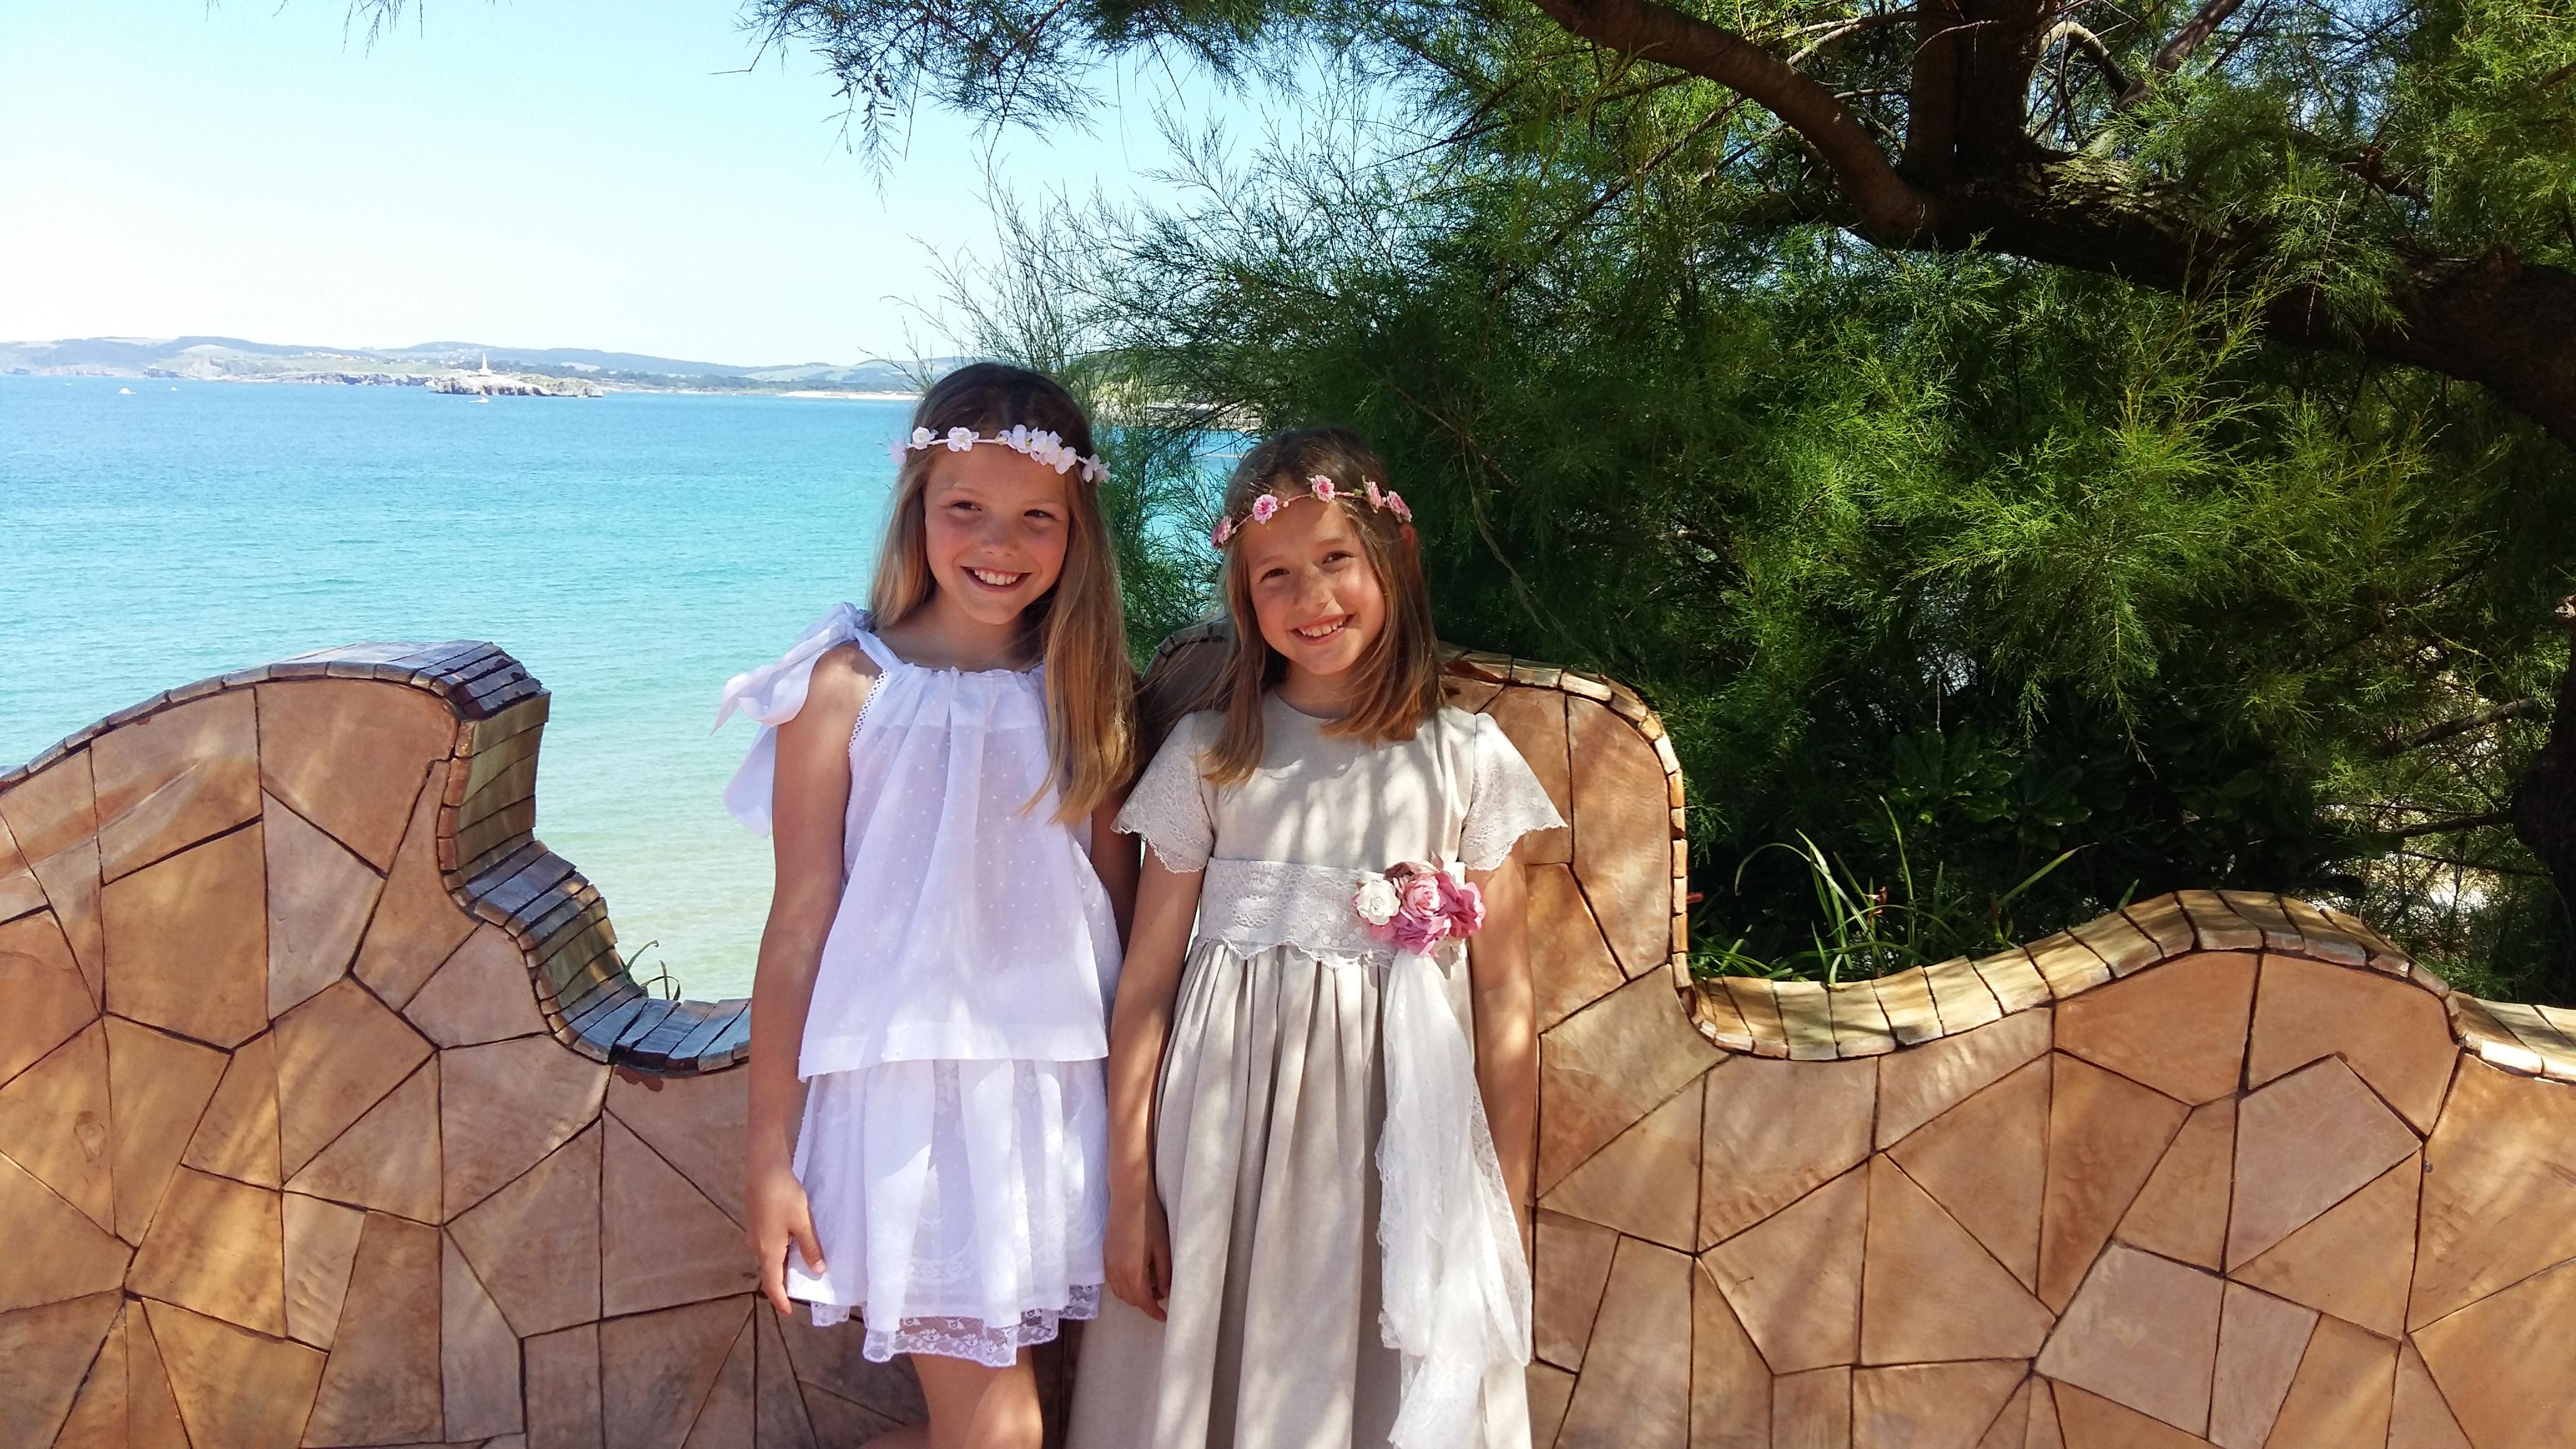 moda ceremonia niñas, vestido comunion niña, ropa ibicenca niña, moda arras,